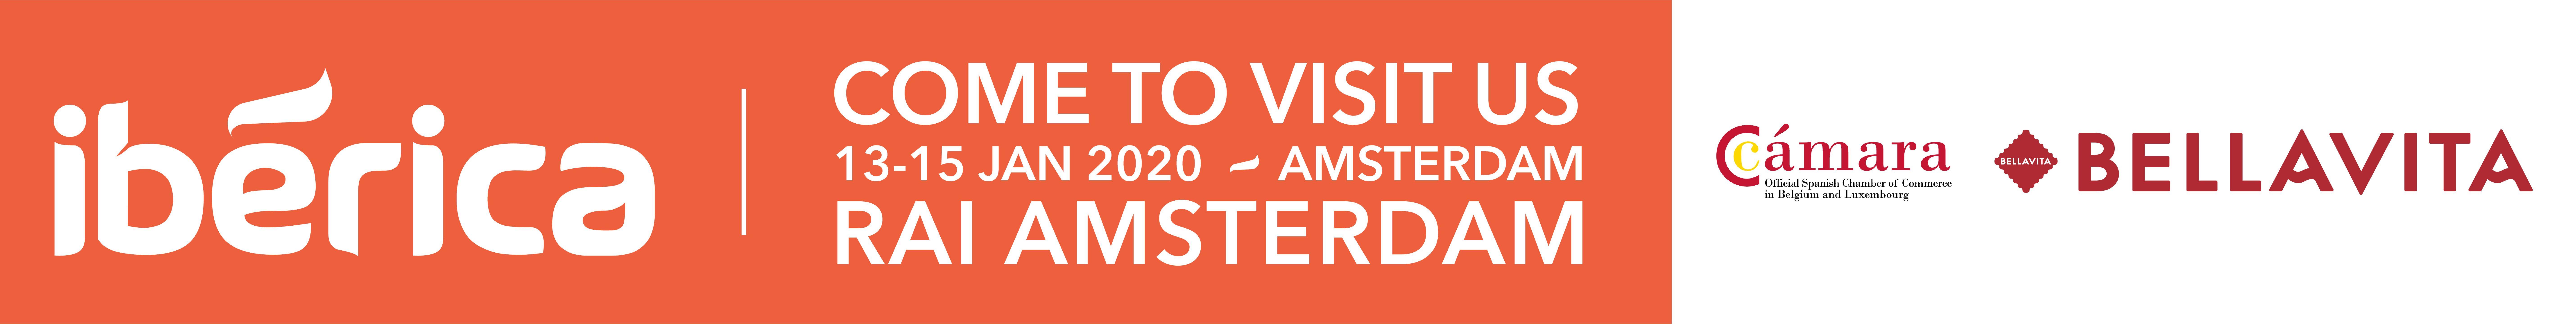 Aceites Valdezarza en la Ibérica EXPO 2020 en Amsterdam